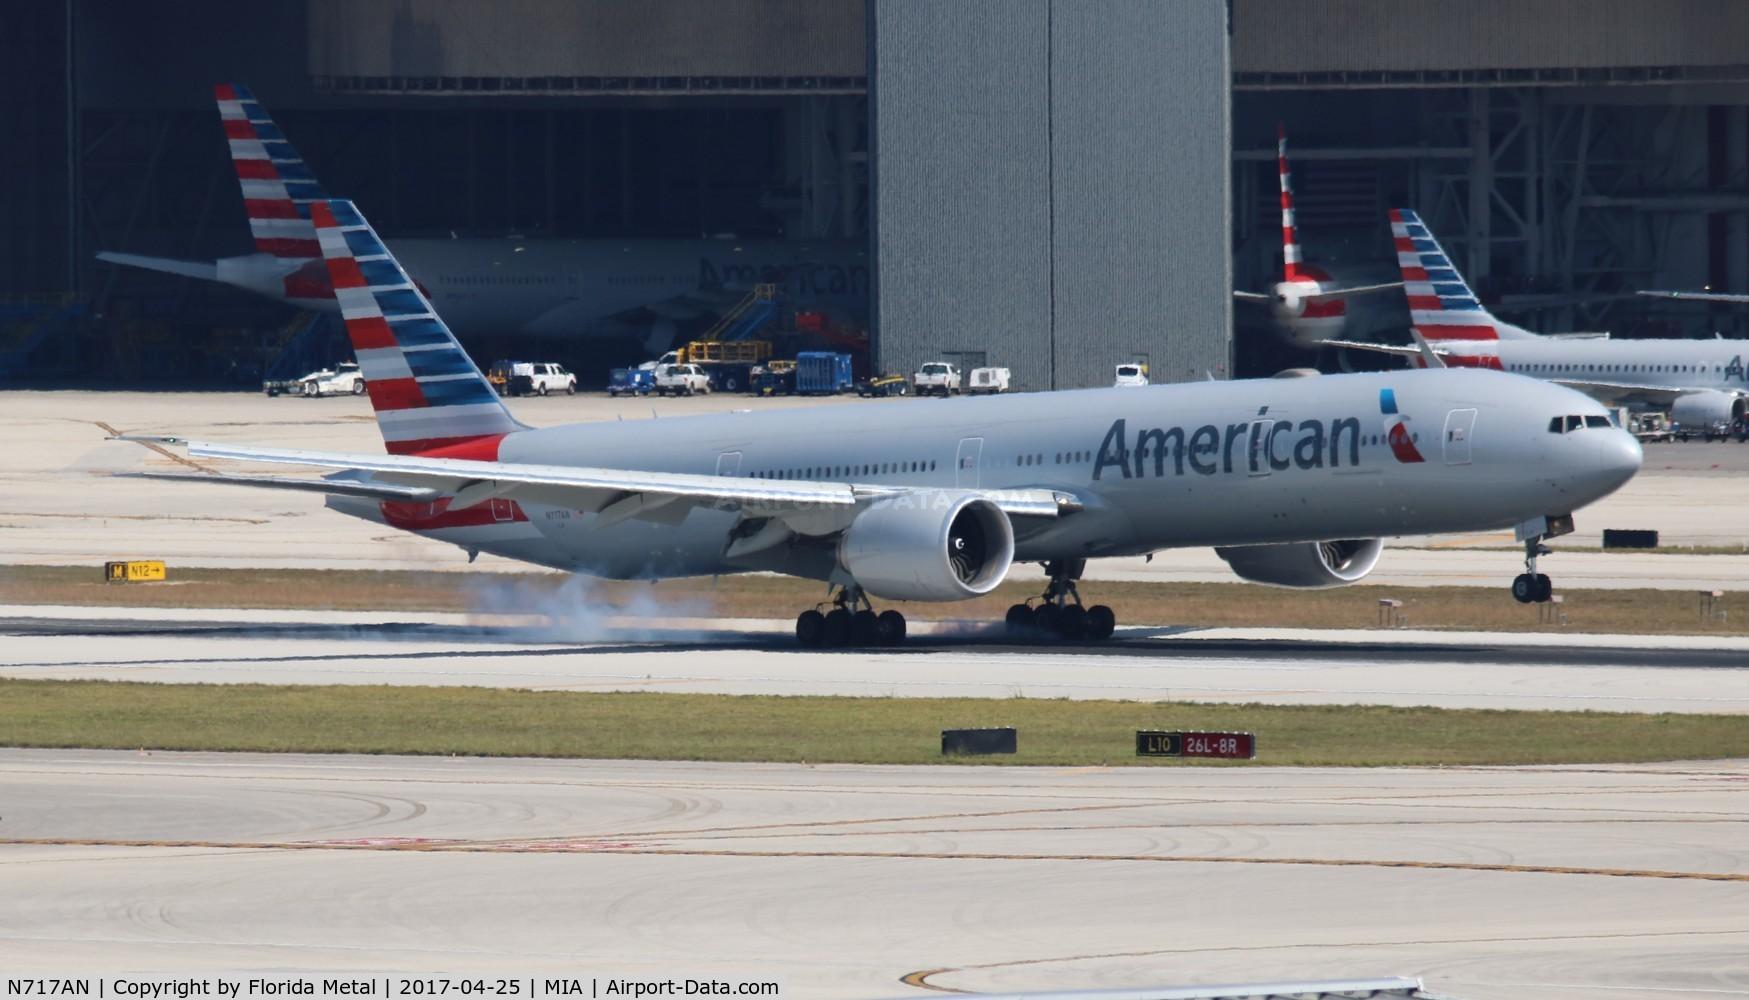 N717AN, 2012 Boeing 777-323/ER C/N 31543, American